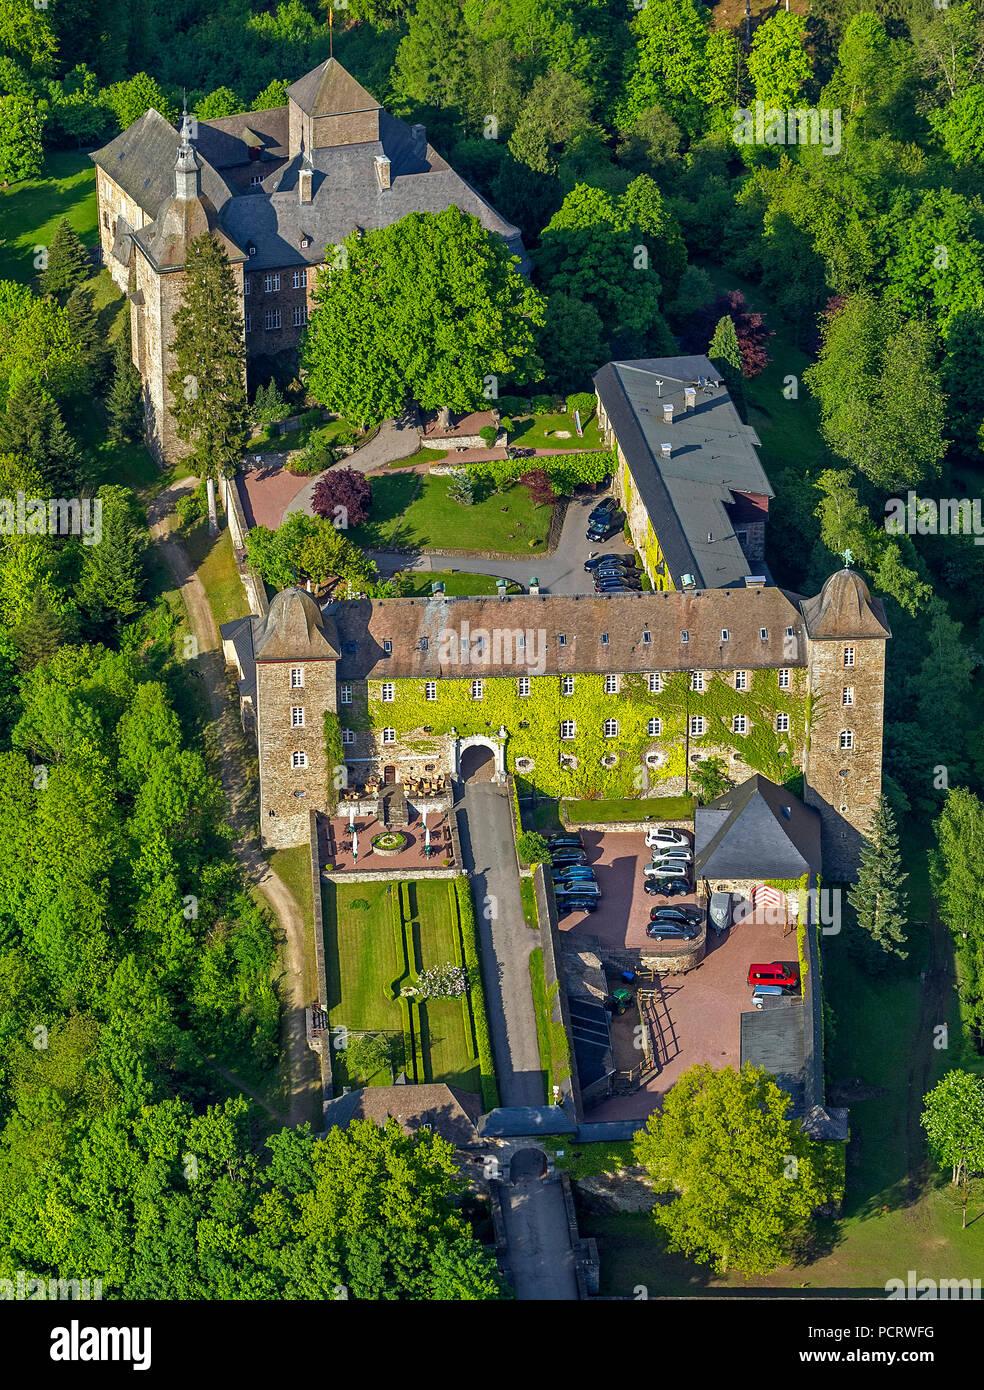 Burghotel Schnellenberg (hotel), Schnellenberg castle, aerial view of Attendorn Stock Photo